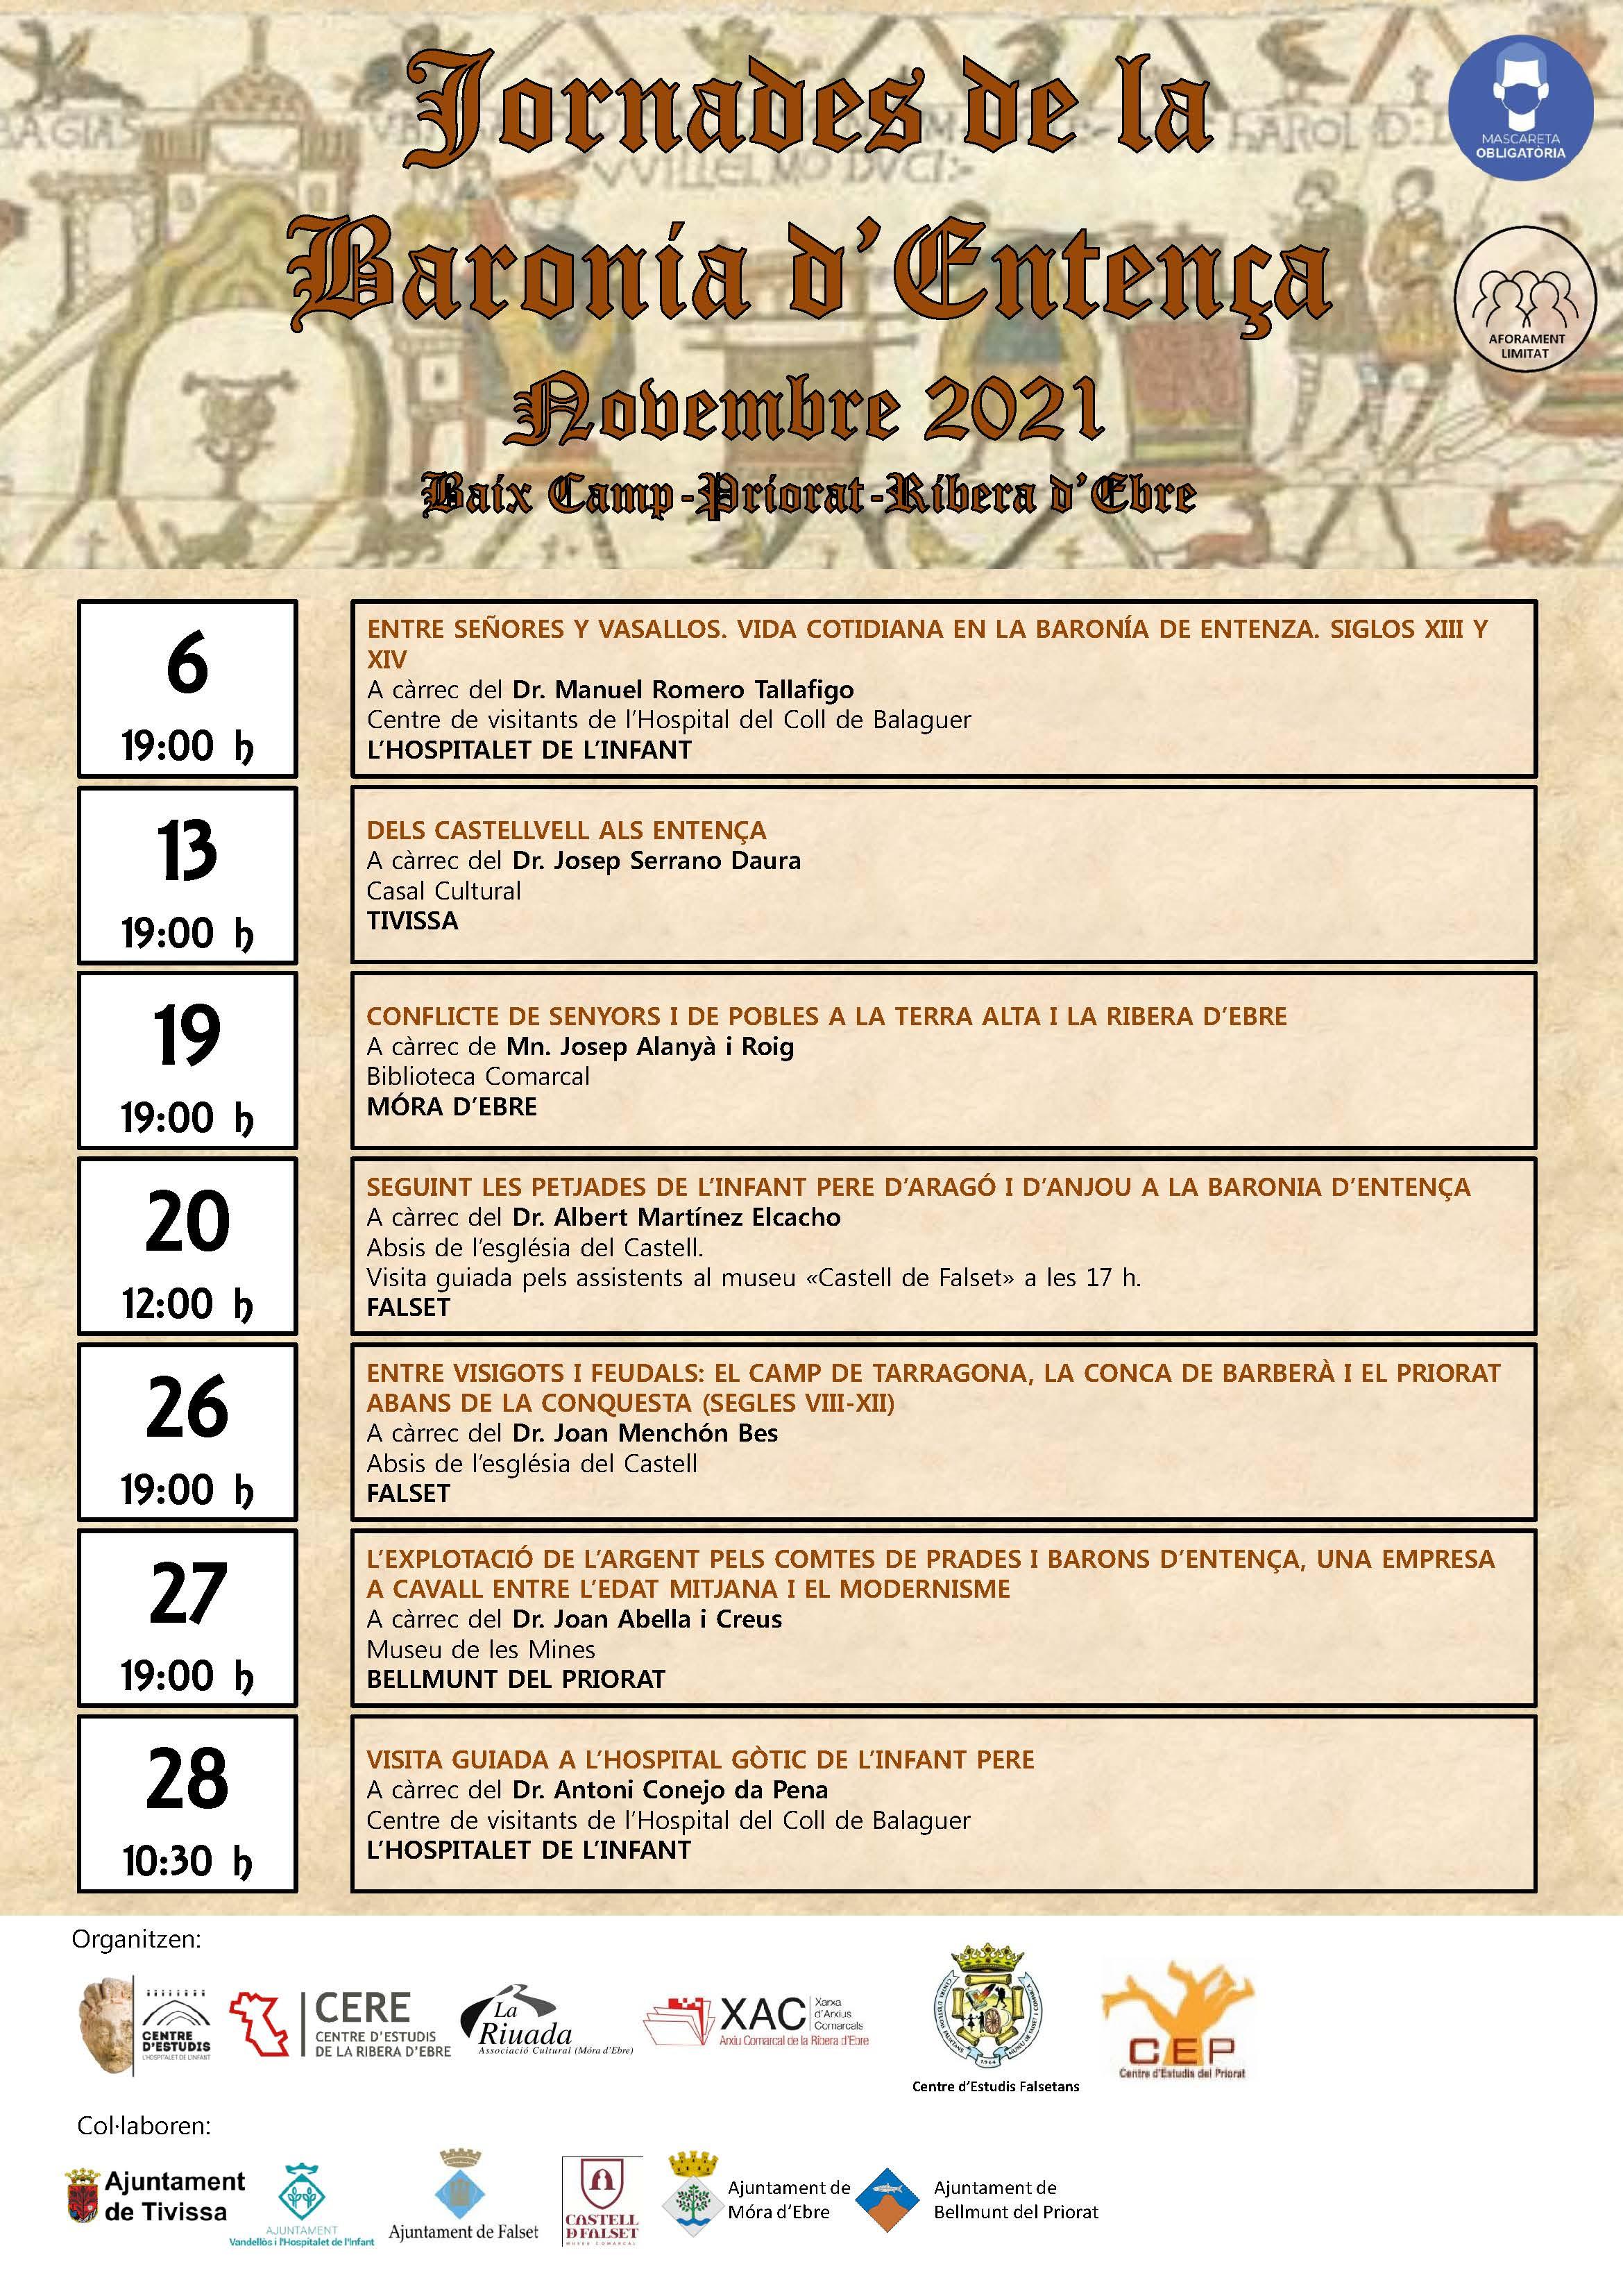 Conferència inagural de les Jorandes de la Baronia d'Entença / 06-11-2021, a les 19 h, a l'Hospitalet de l'Infant